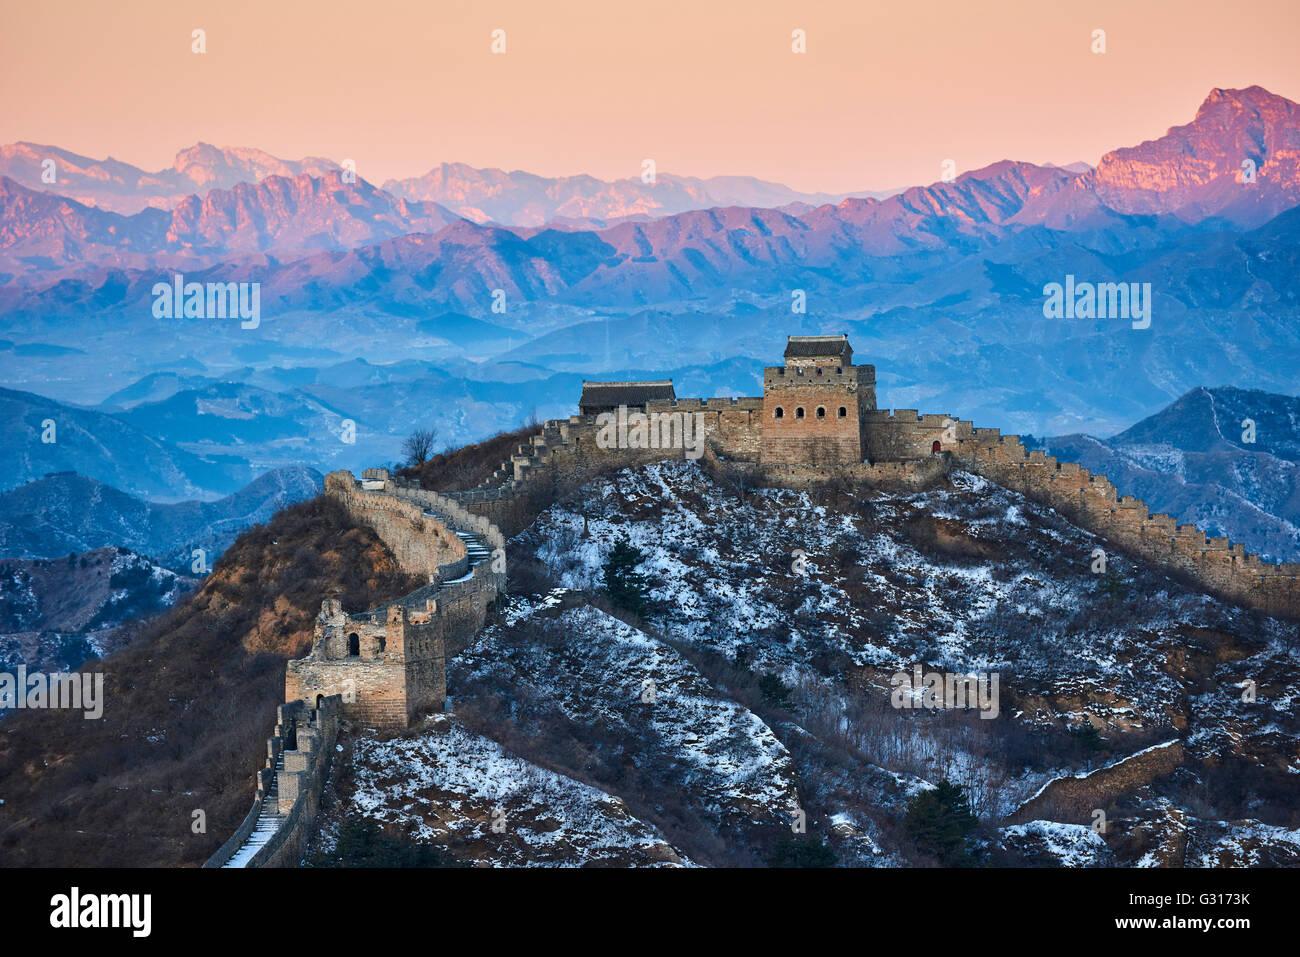 China, en la provincia de Hebei, la Gran Muralla de China, tour caminando Jinshanling y Simatai section, Patrimonio Foto de stock